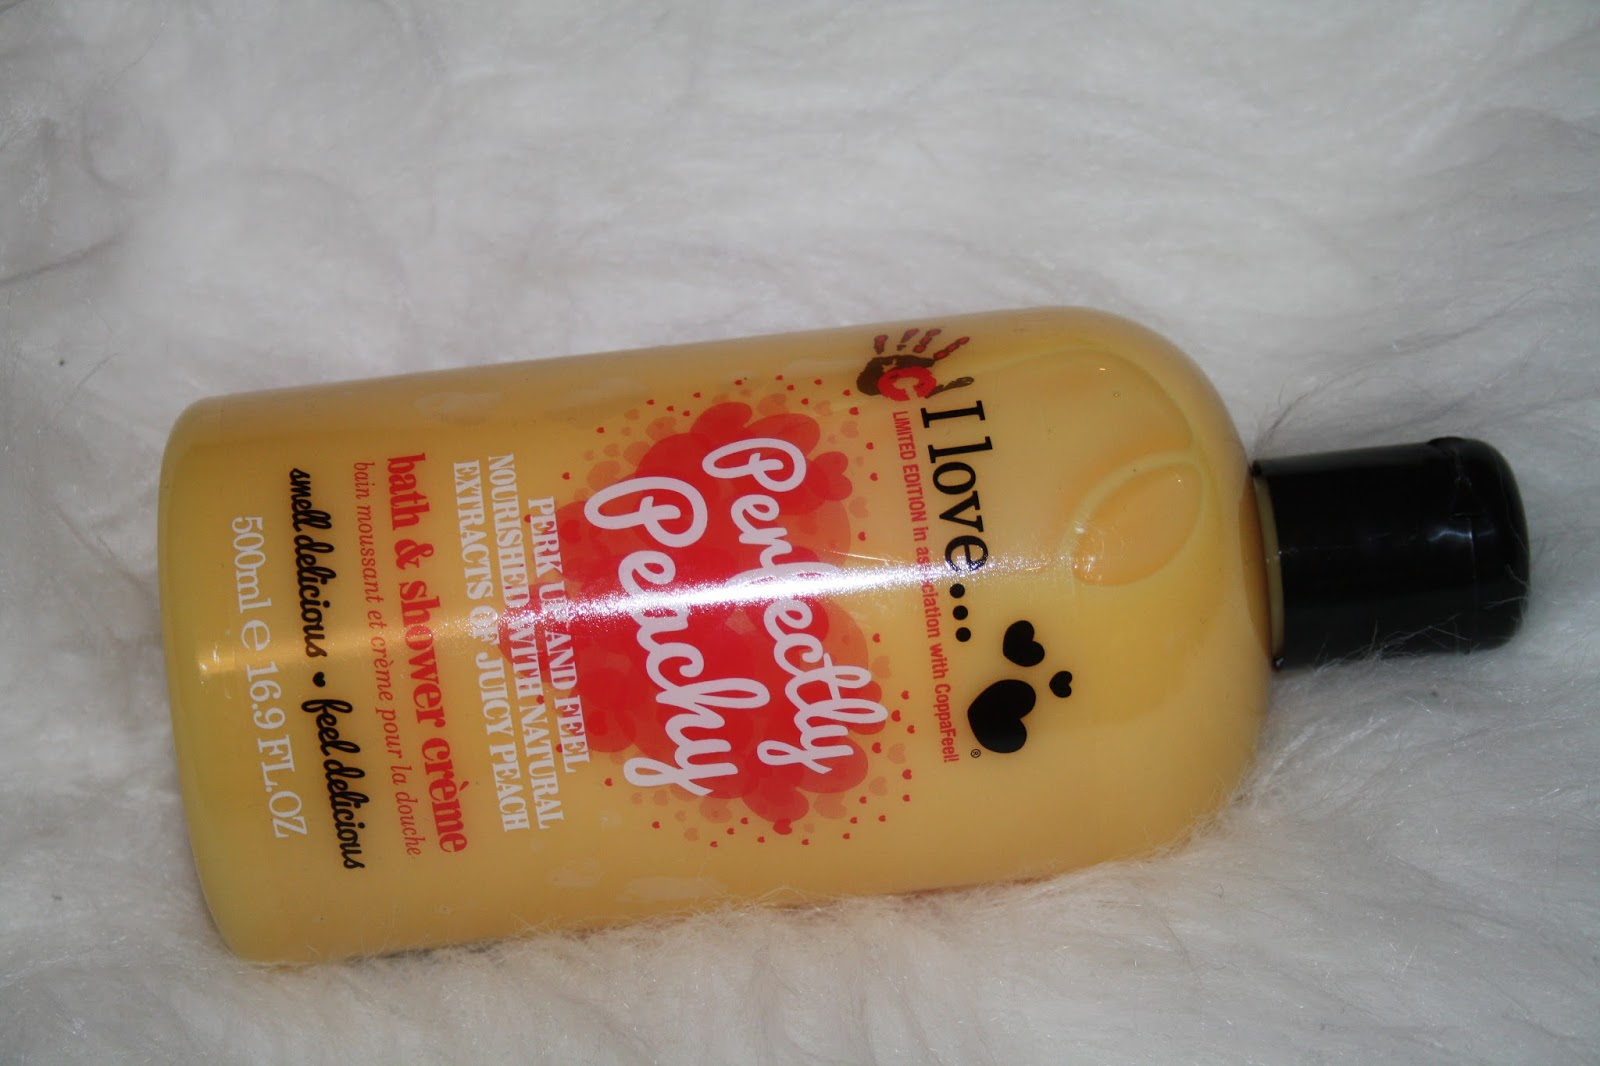 I Love - Perfectly Peachy Bath & Shower Créme